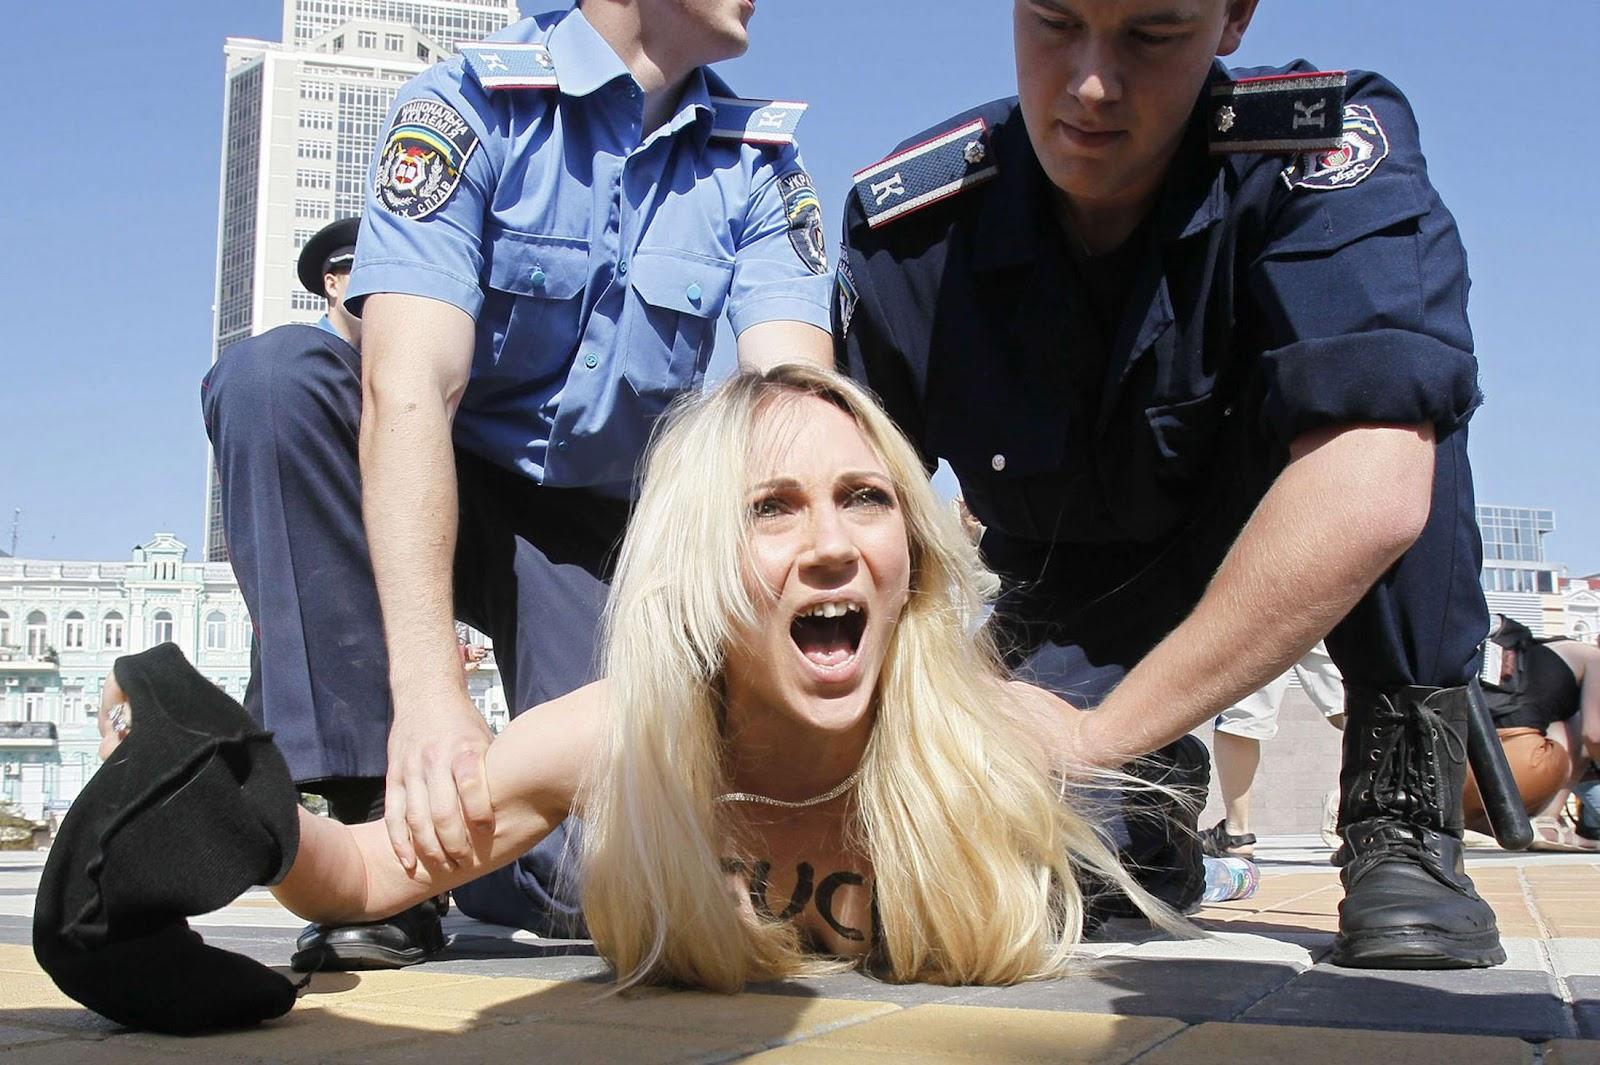 поймает проститутка милиция